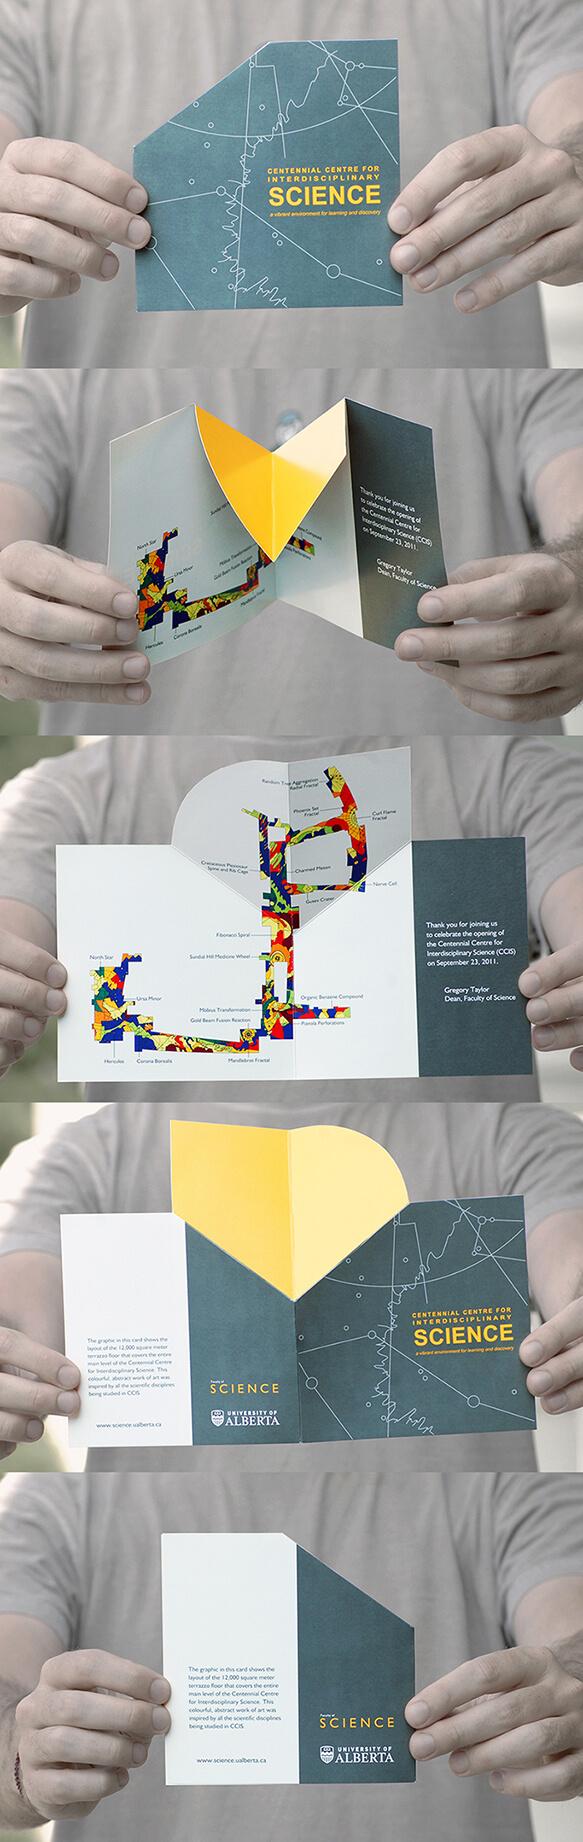 Pop Up Brochure Template - Yupar.magdalene-Project with regard to Pop Up Brochure Template